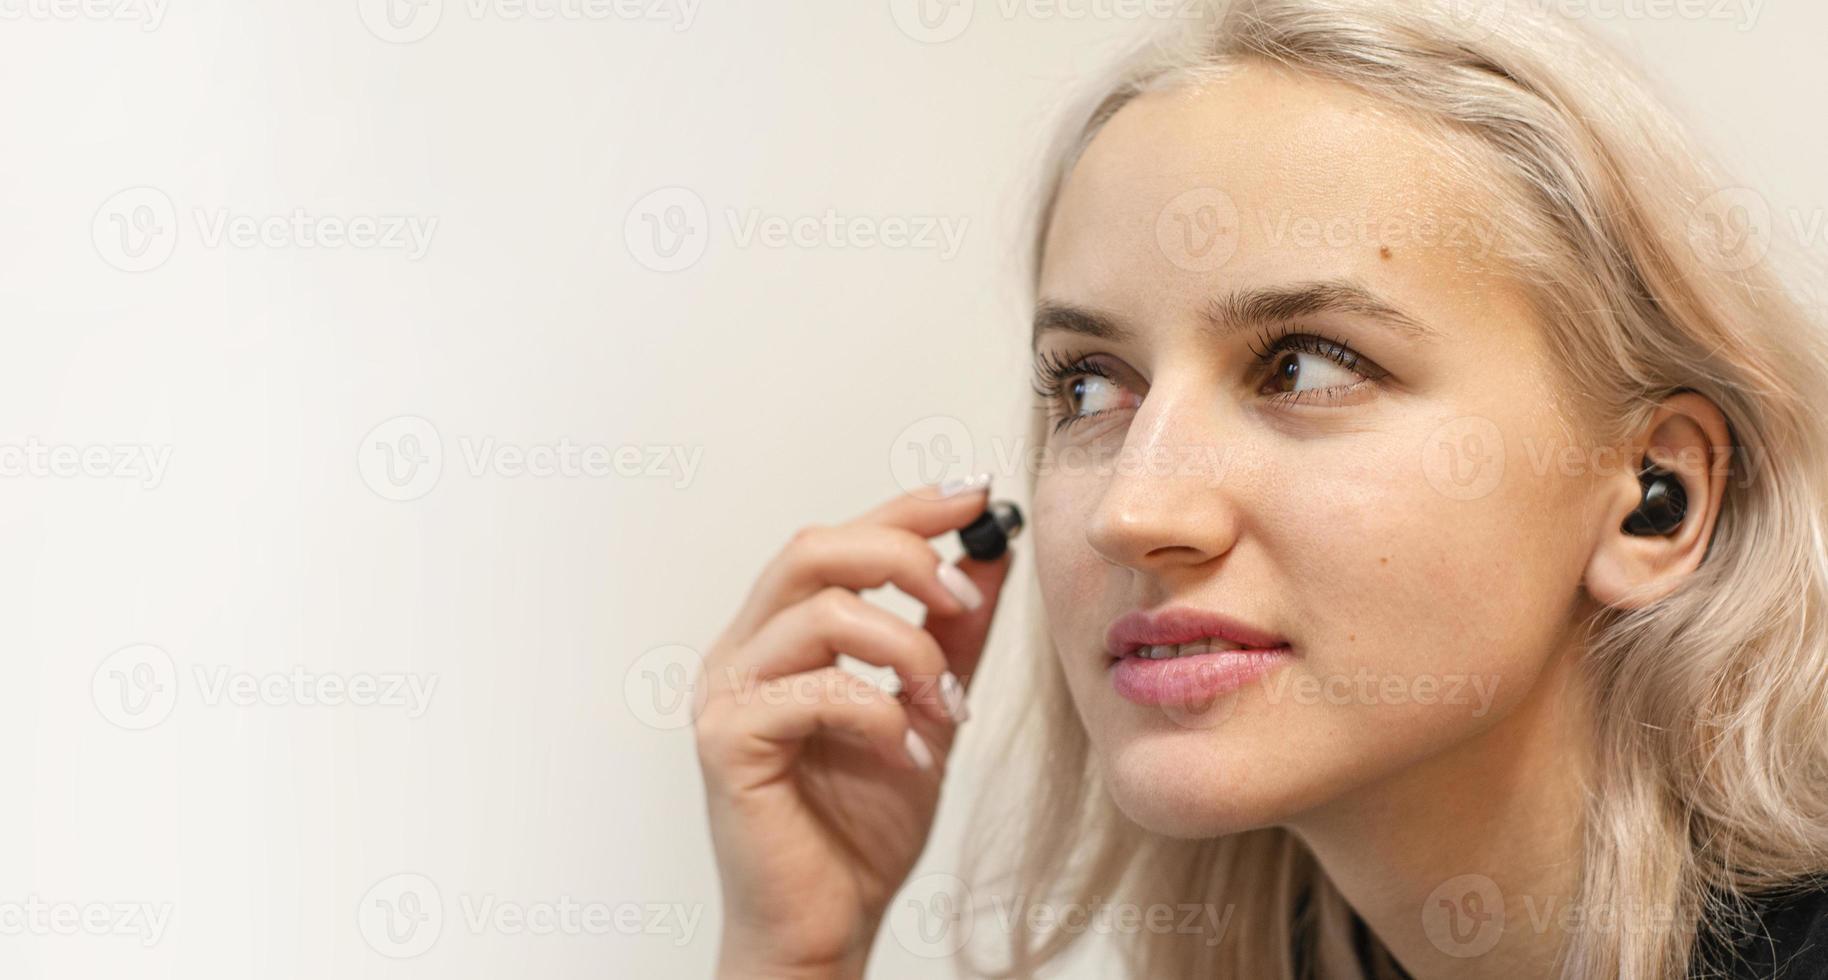 fille met des écouteurs sans fil. technologies modernes. photo